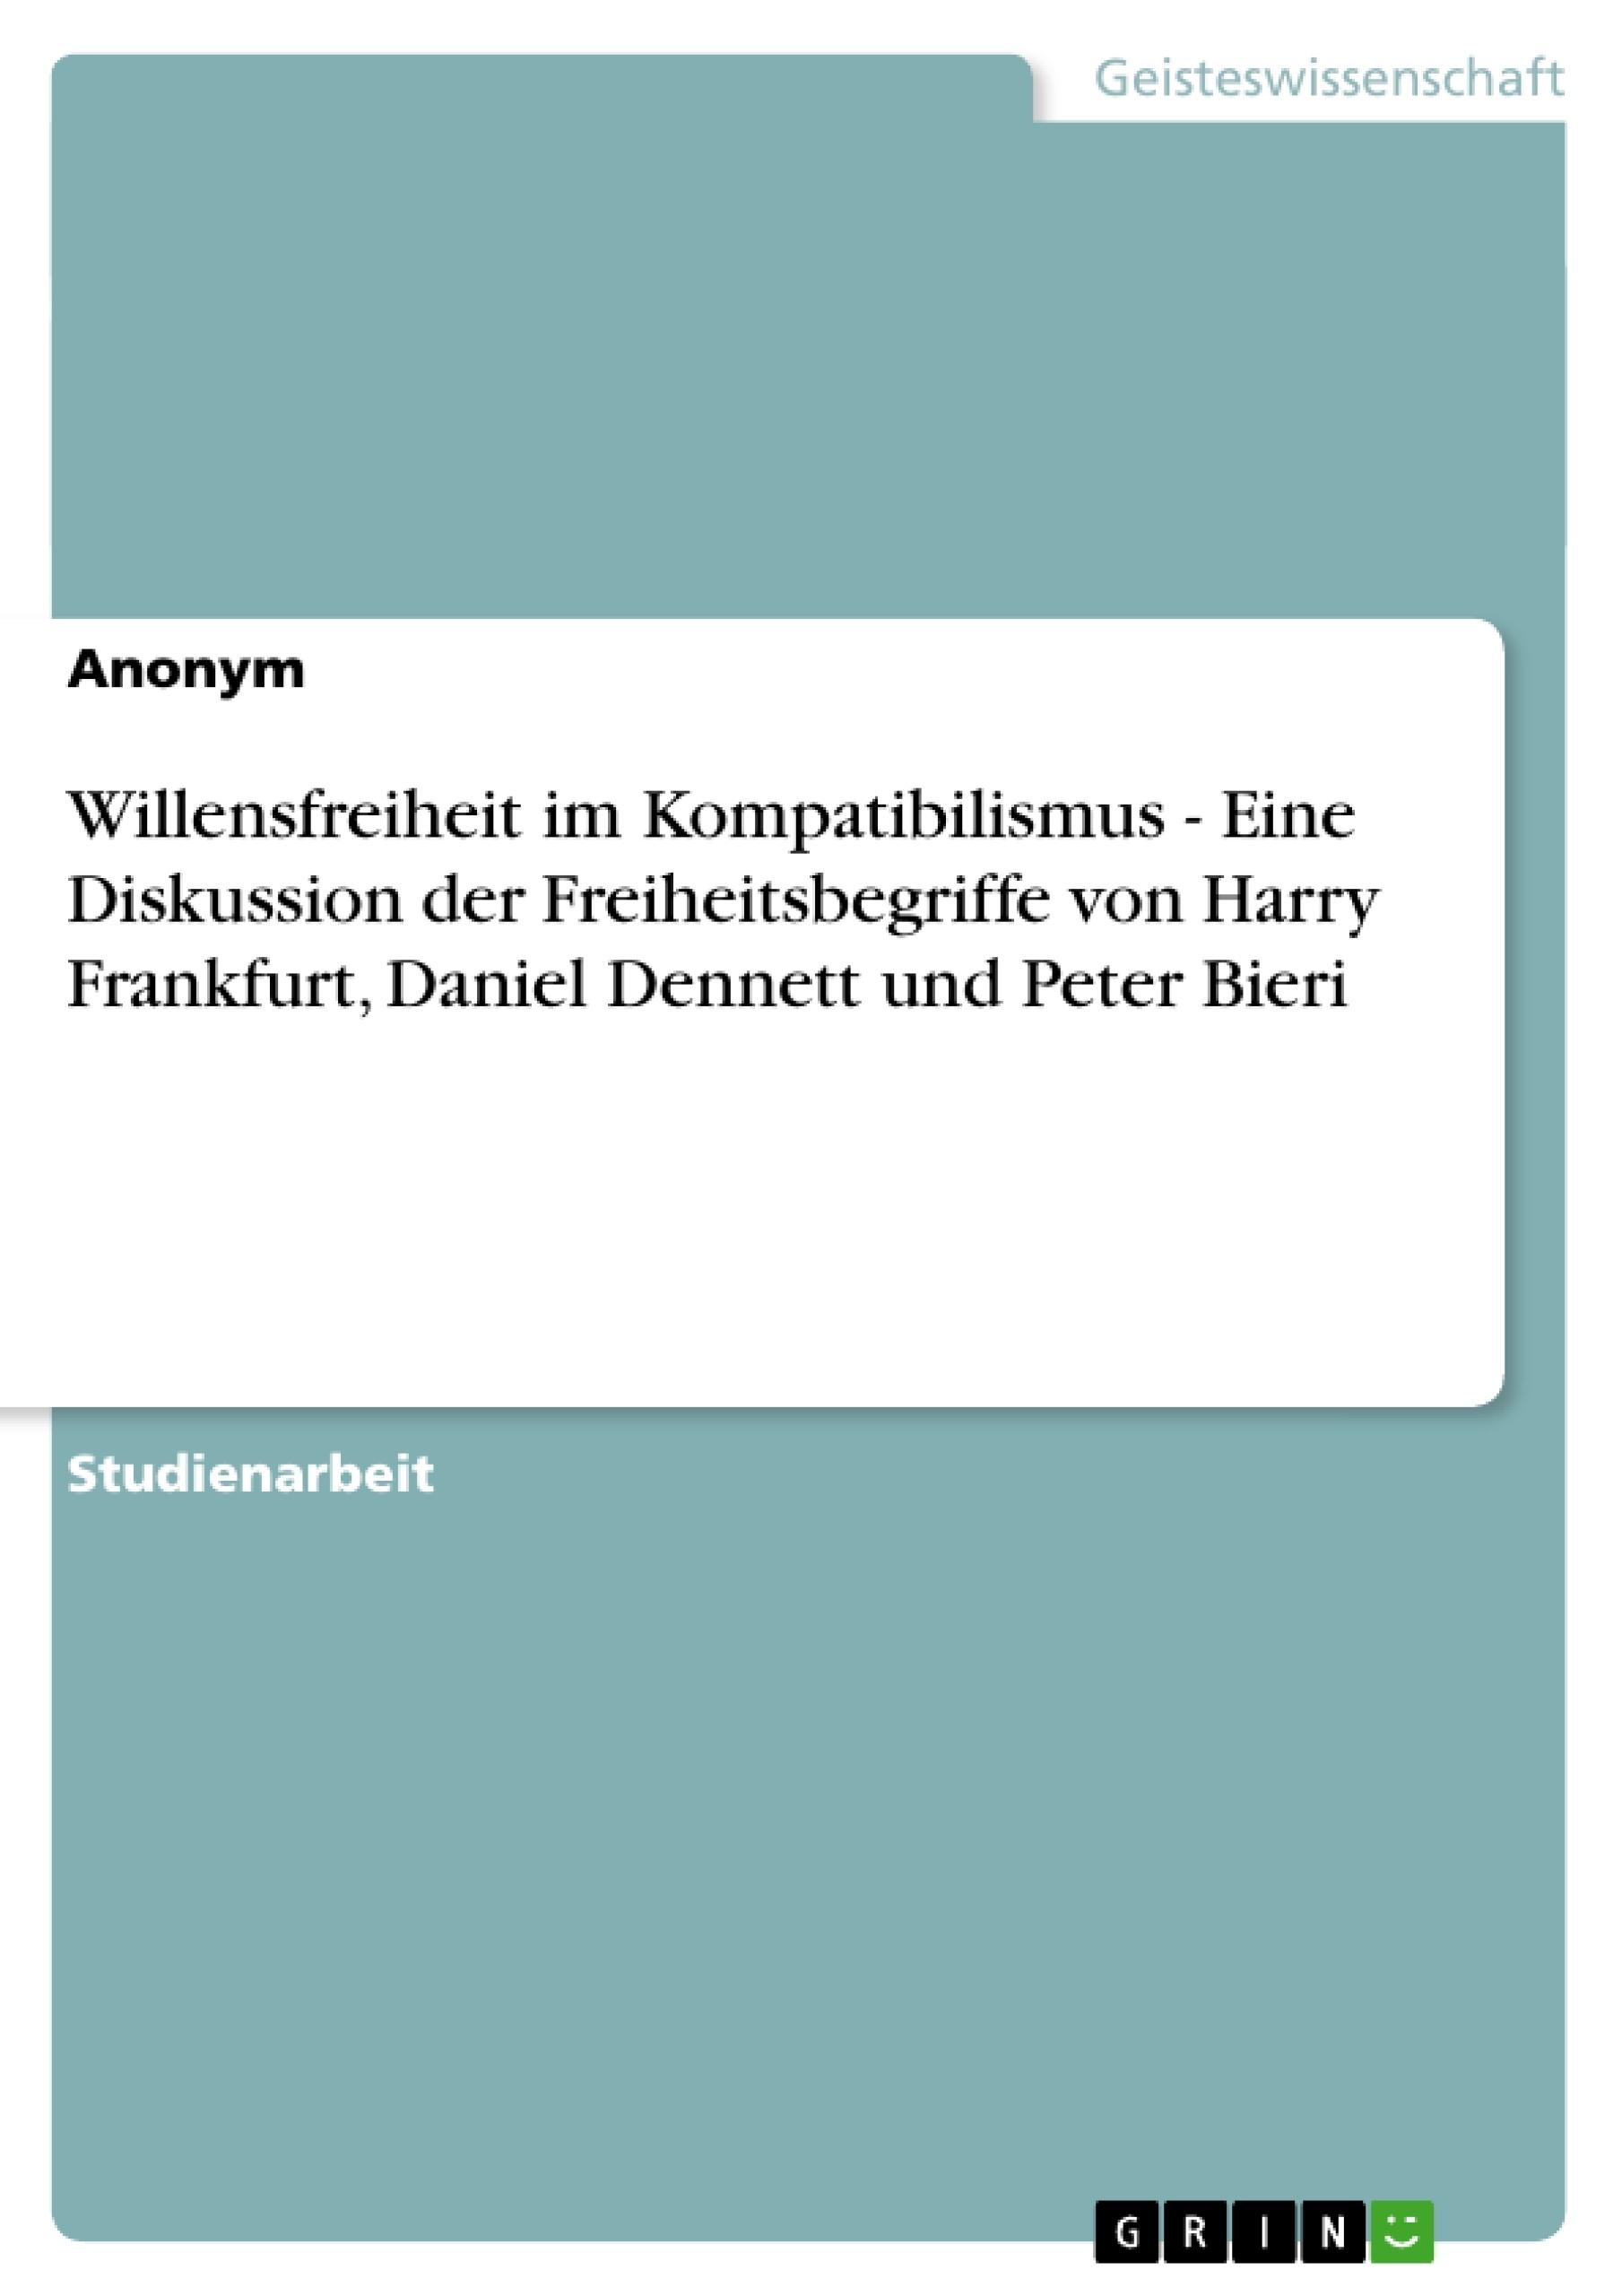 Titel: Willensfreiheit im Kompatibilismus - Eine Diskussion der Freiheitsbegriffe von Harry Frankfurt, Daniel Dennett und Peter Bieri